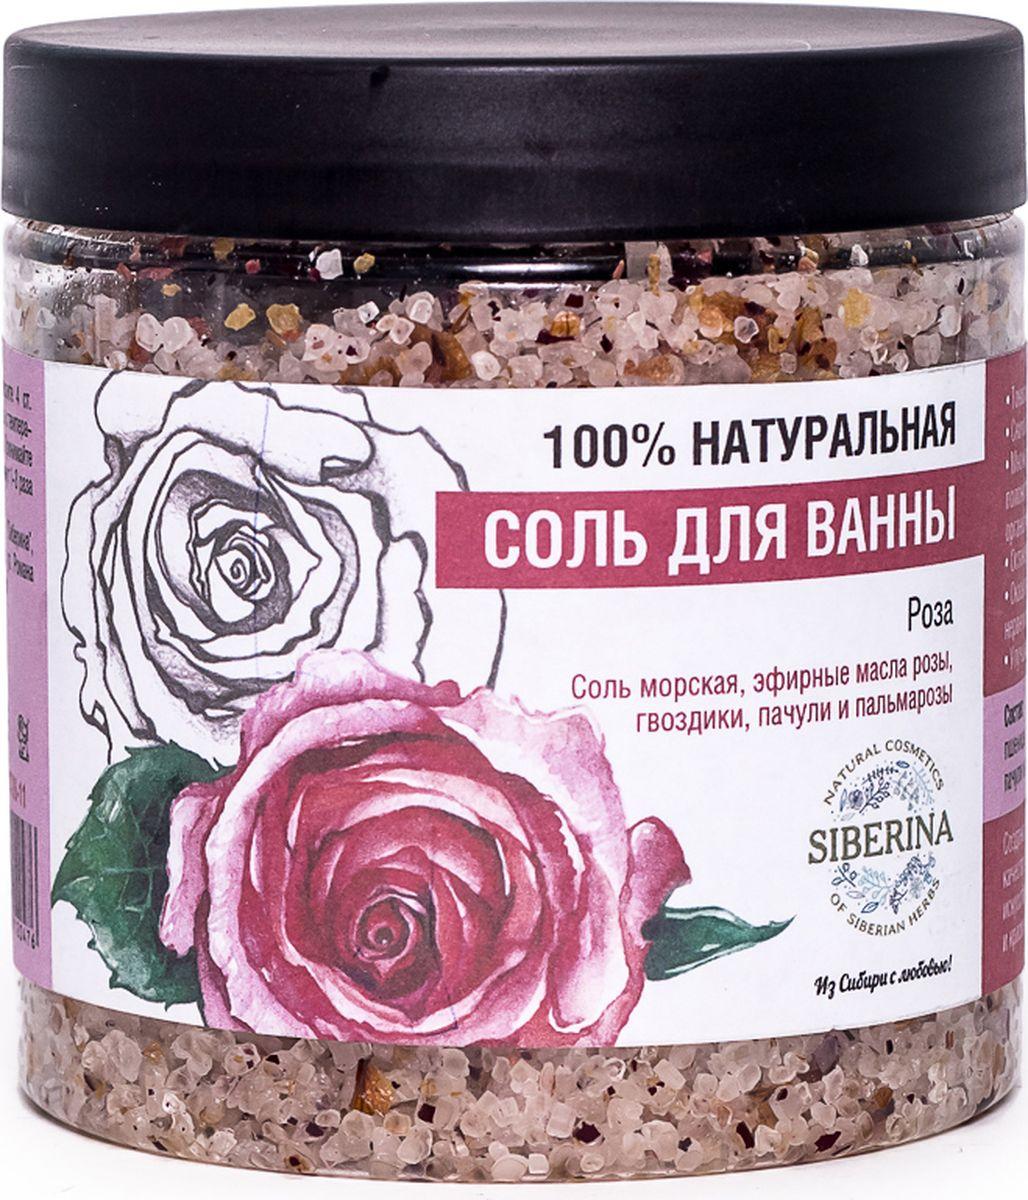 Siberina Соль для ванны Роза, 600 гBALAL-01-0007Натуральная соль для ванн нормализует обменные процессы и кровоснабжение, ускоряет эпидермальную регенерацию и повышает сопротивляемость к стрессу. Активные ингредиенты восстанавливают и надёжно защищают от негативных воздействий окружающей среды.